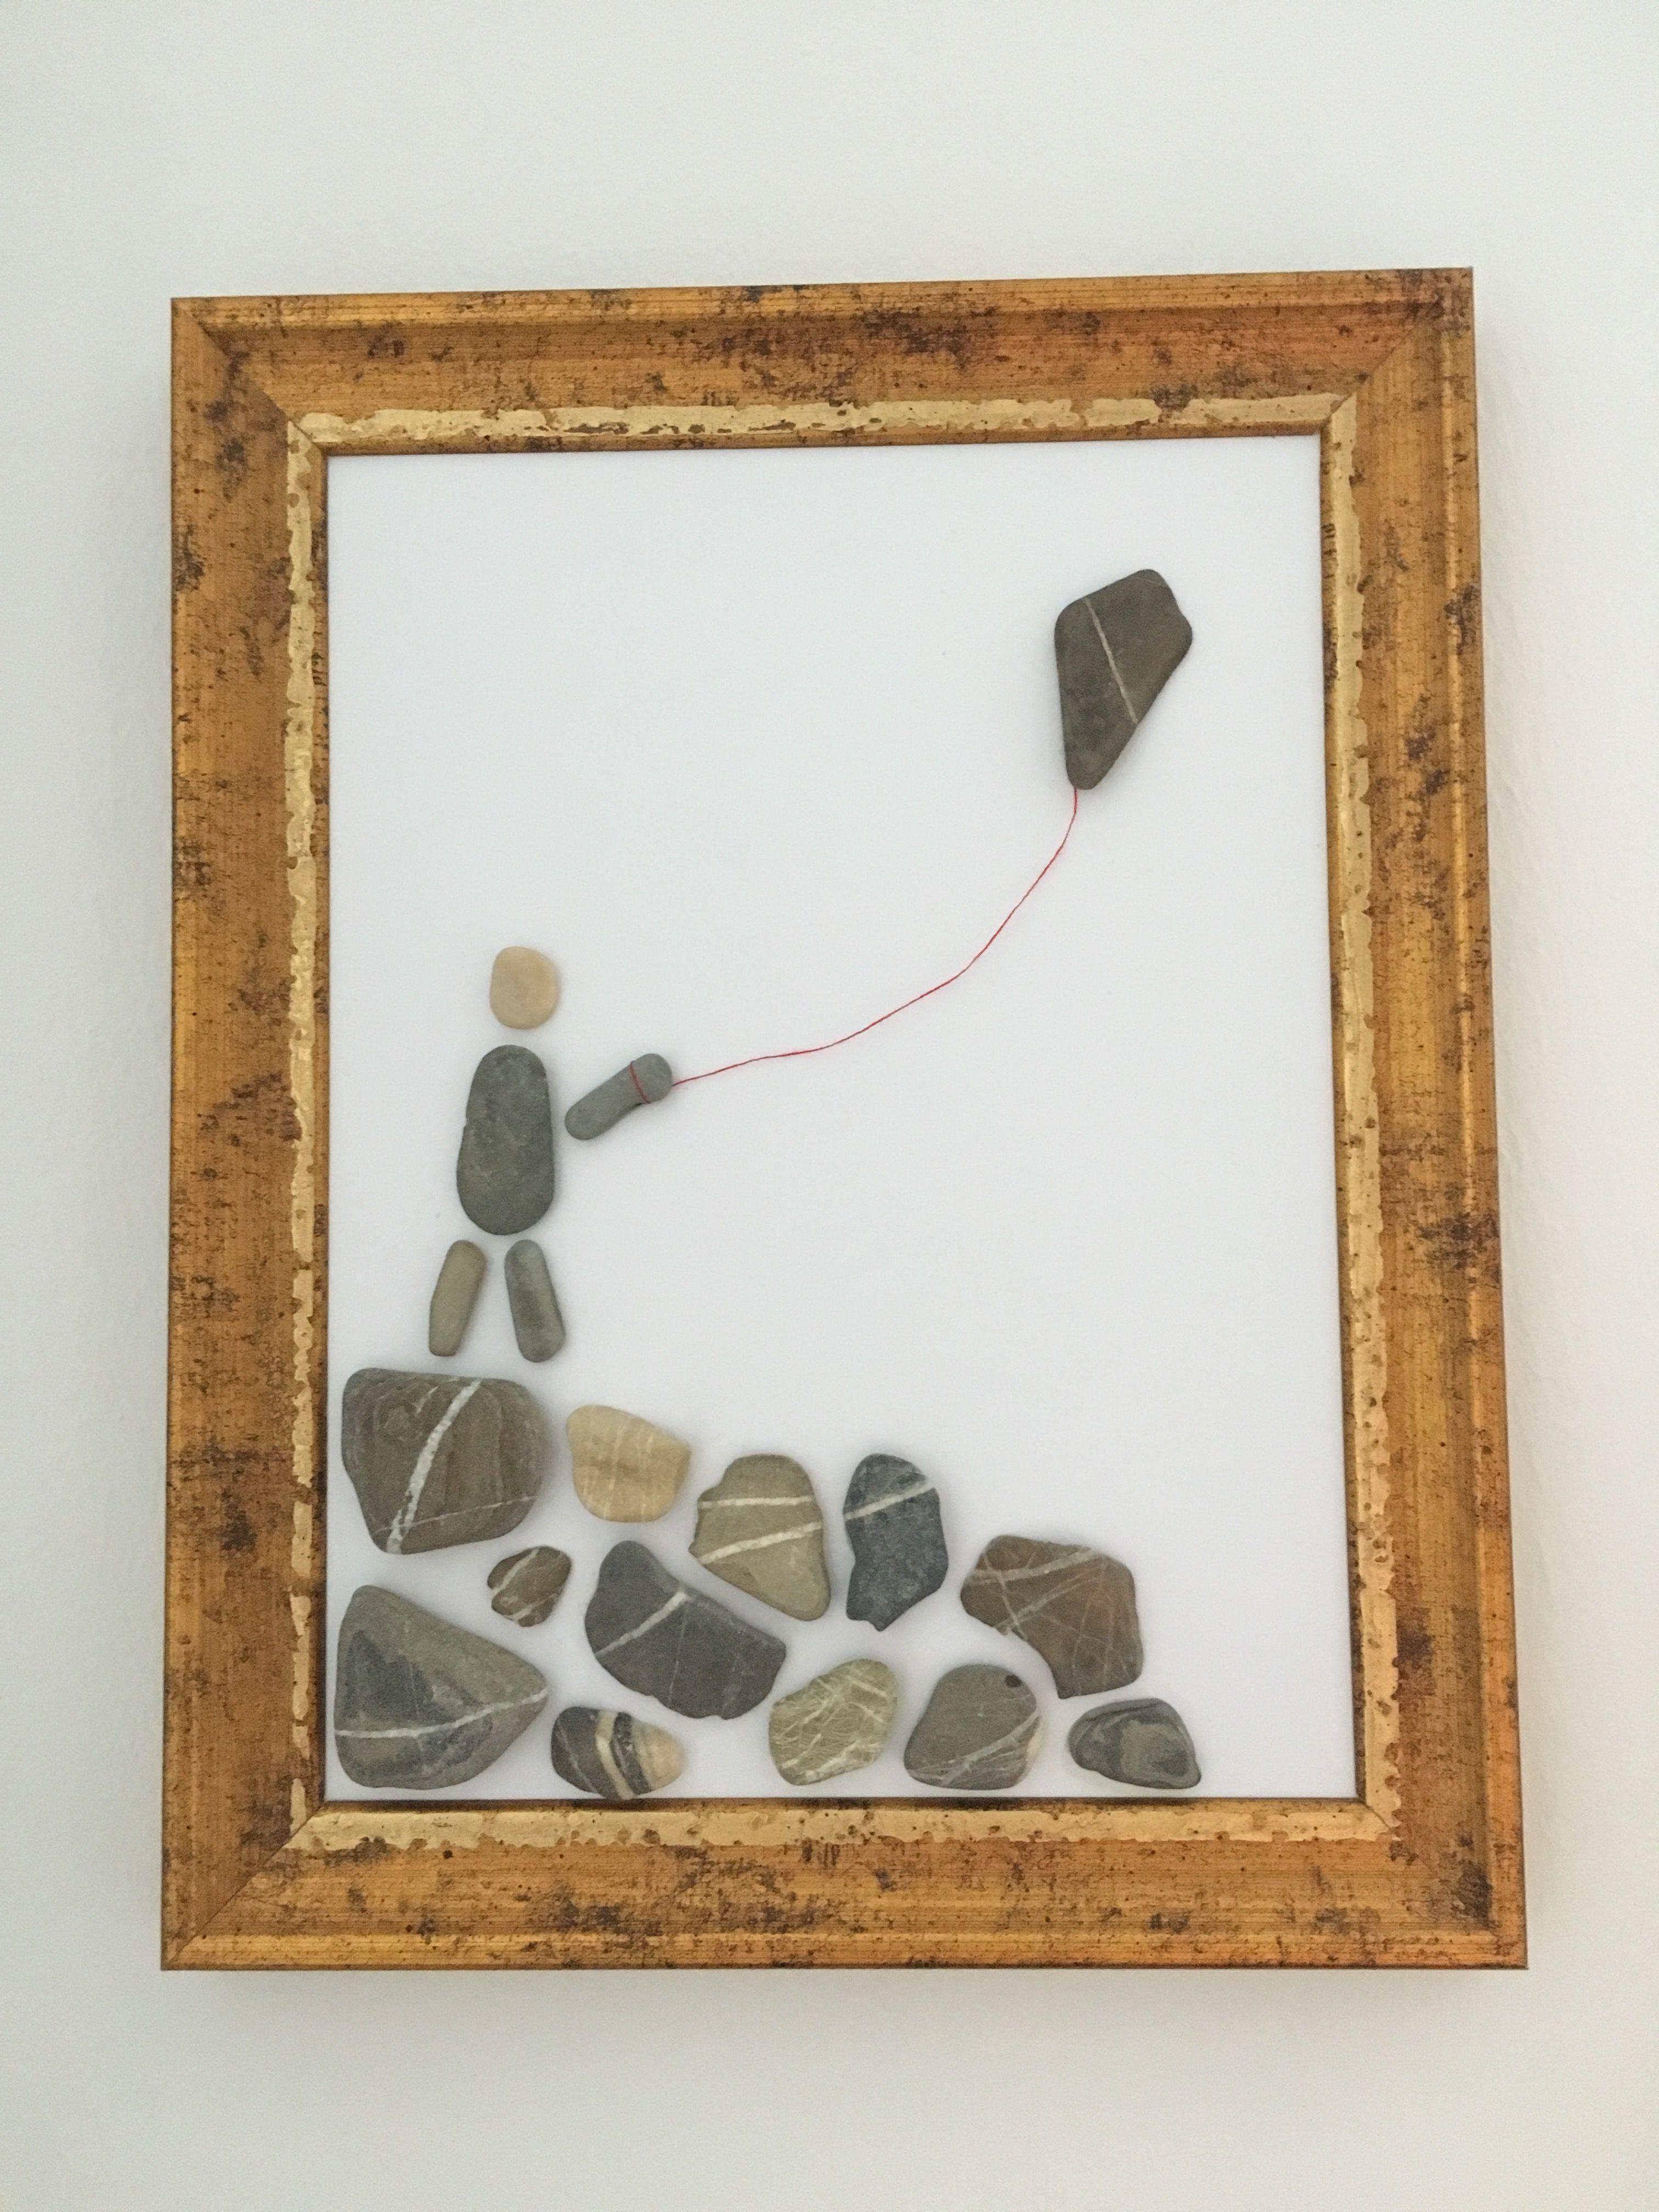 Lass deinen Drachen steigen. Kunst mit Kieselsteinen, Bild aus Steinen